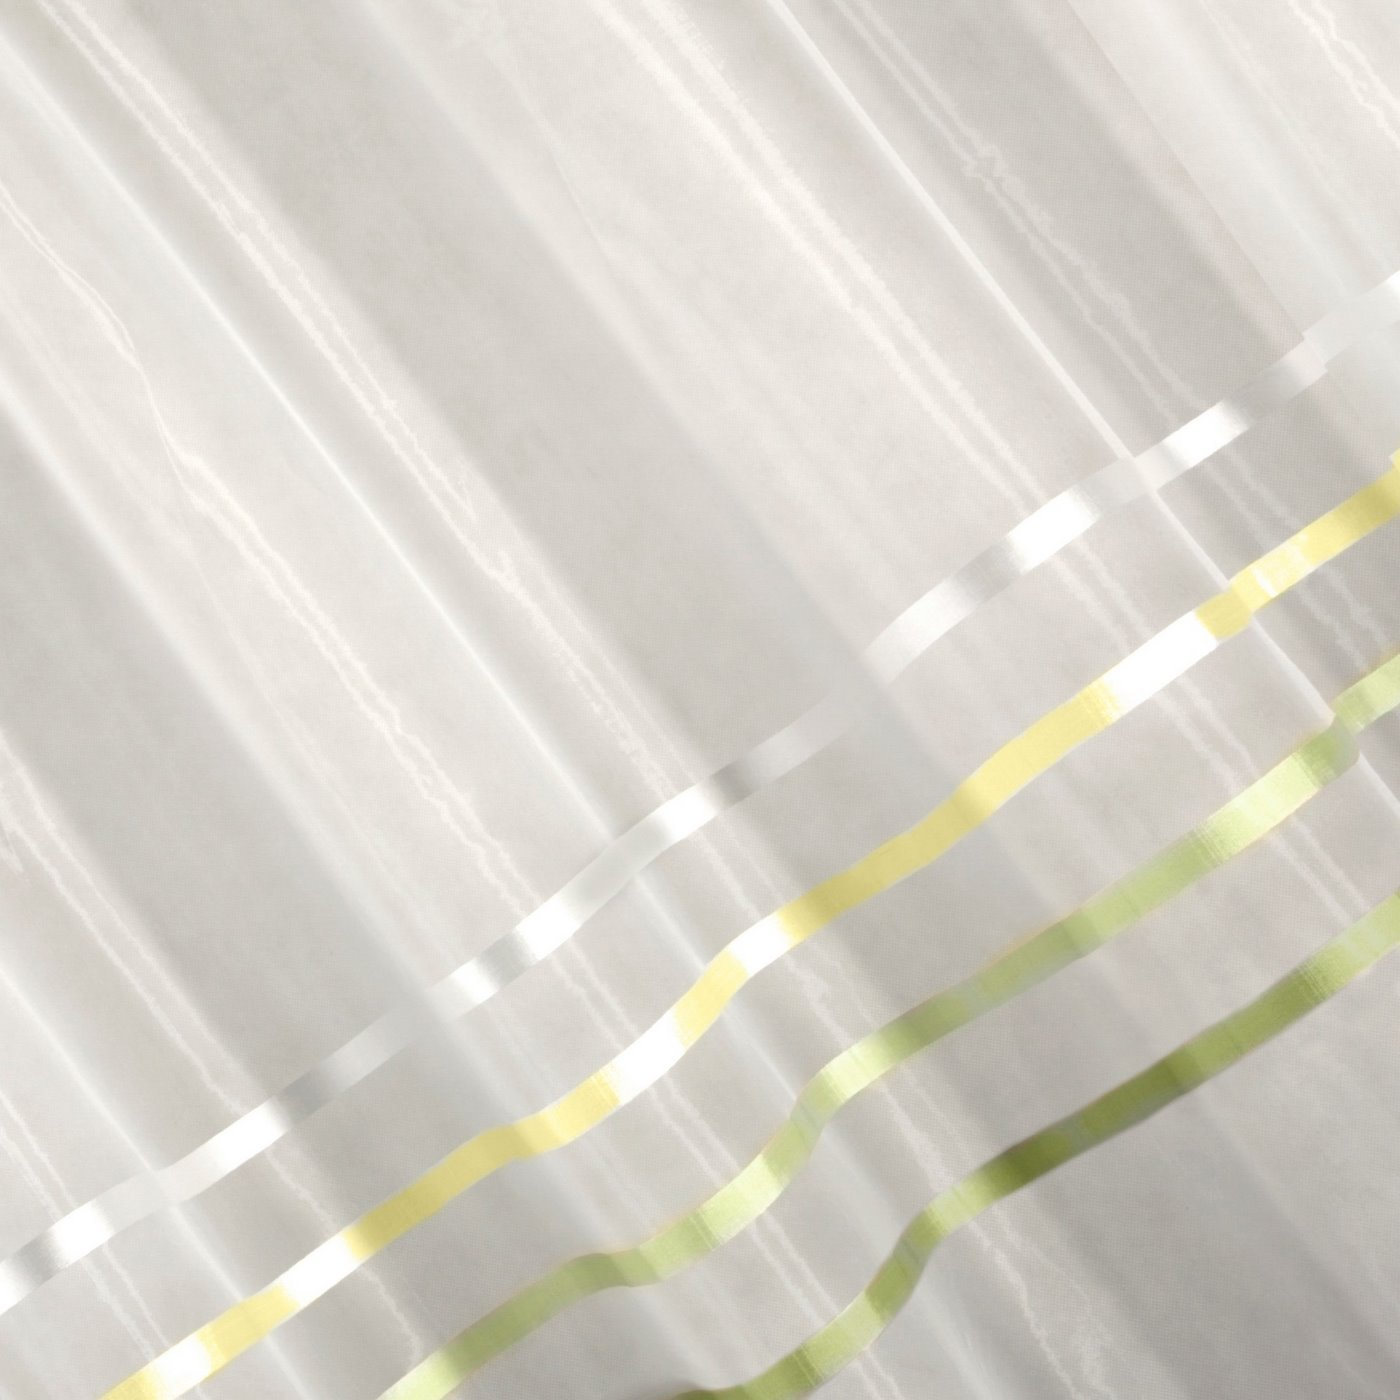 Zwiewna firanka paski kremowe i zielone 295x250 na taśmie